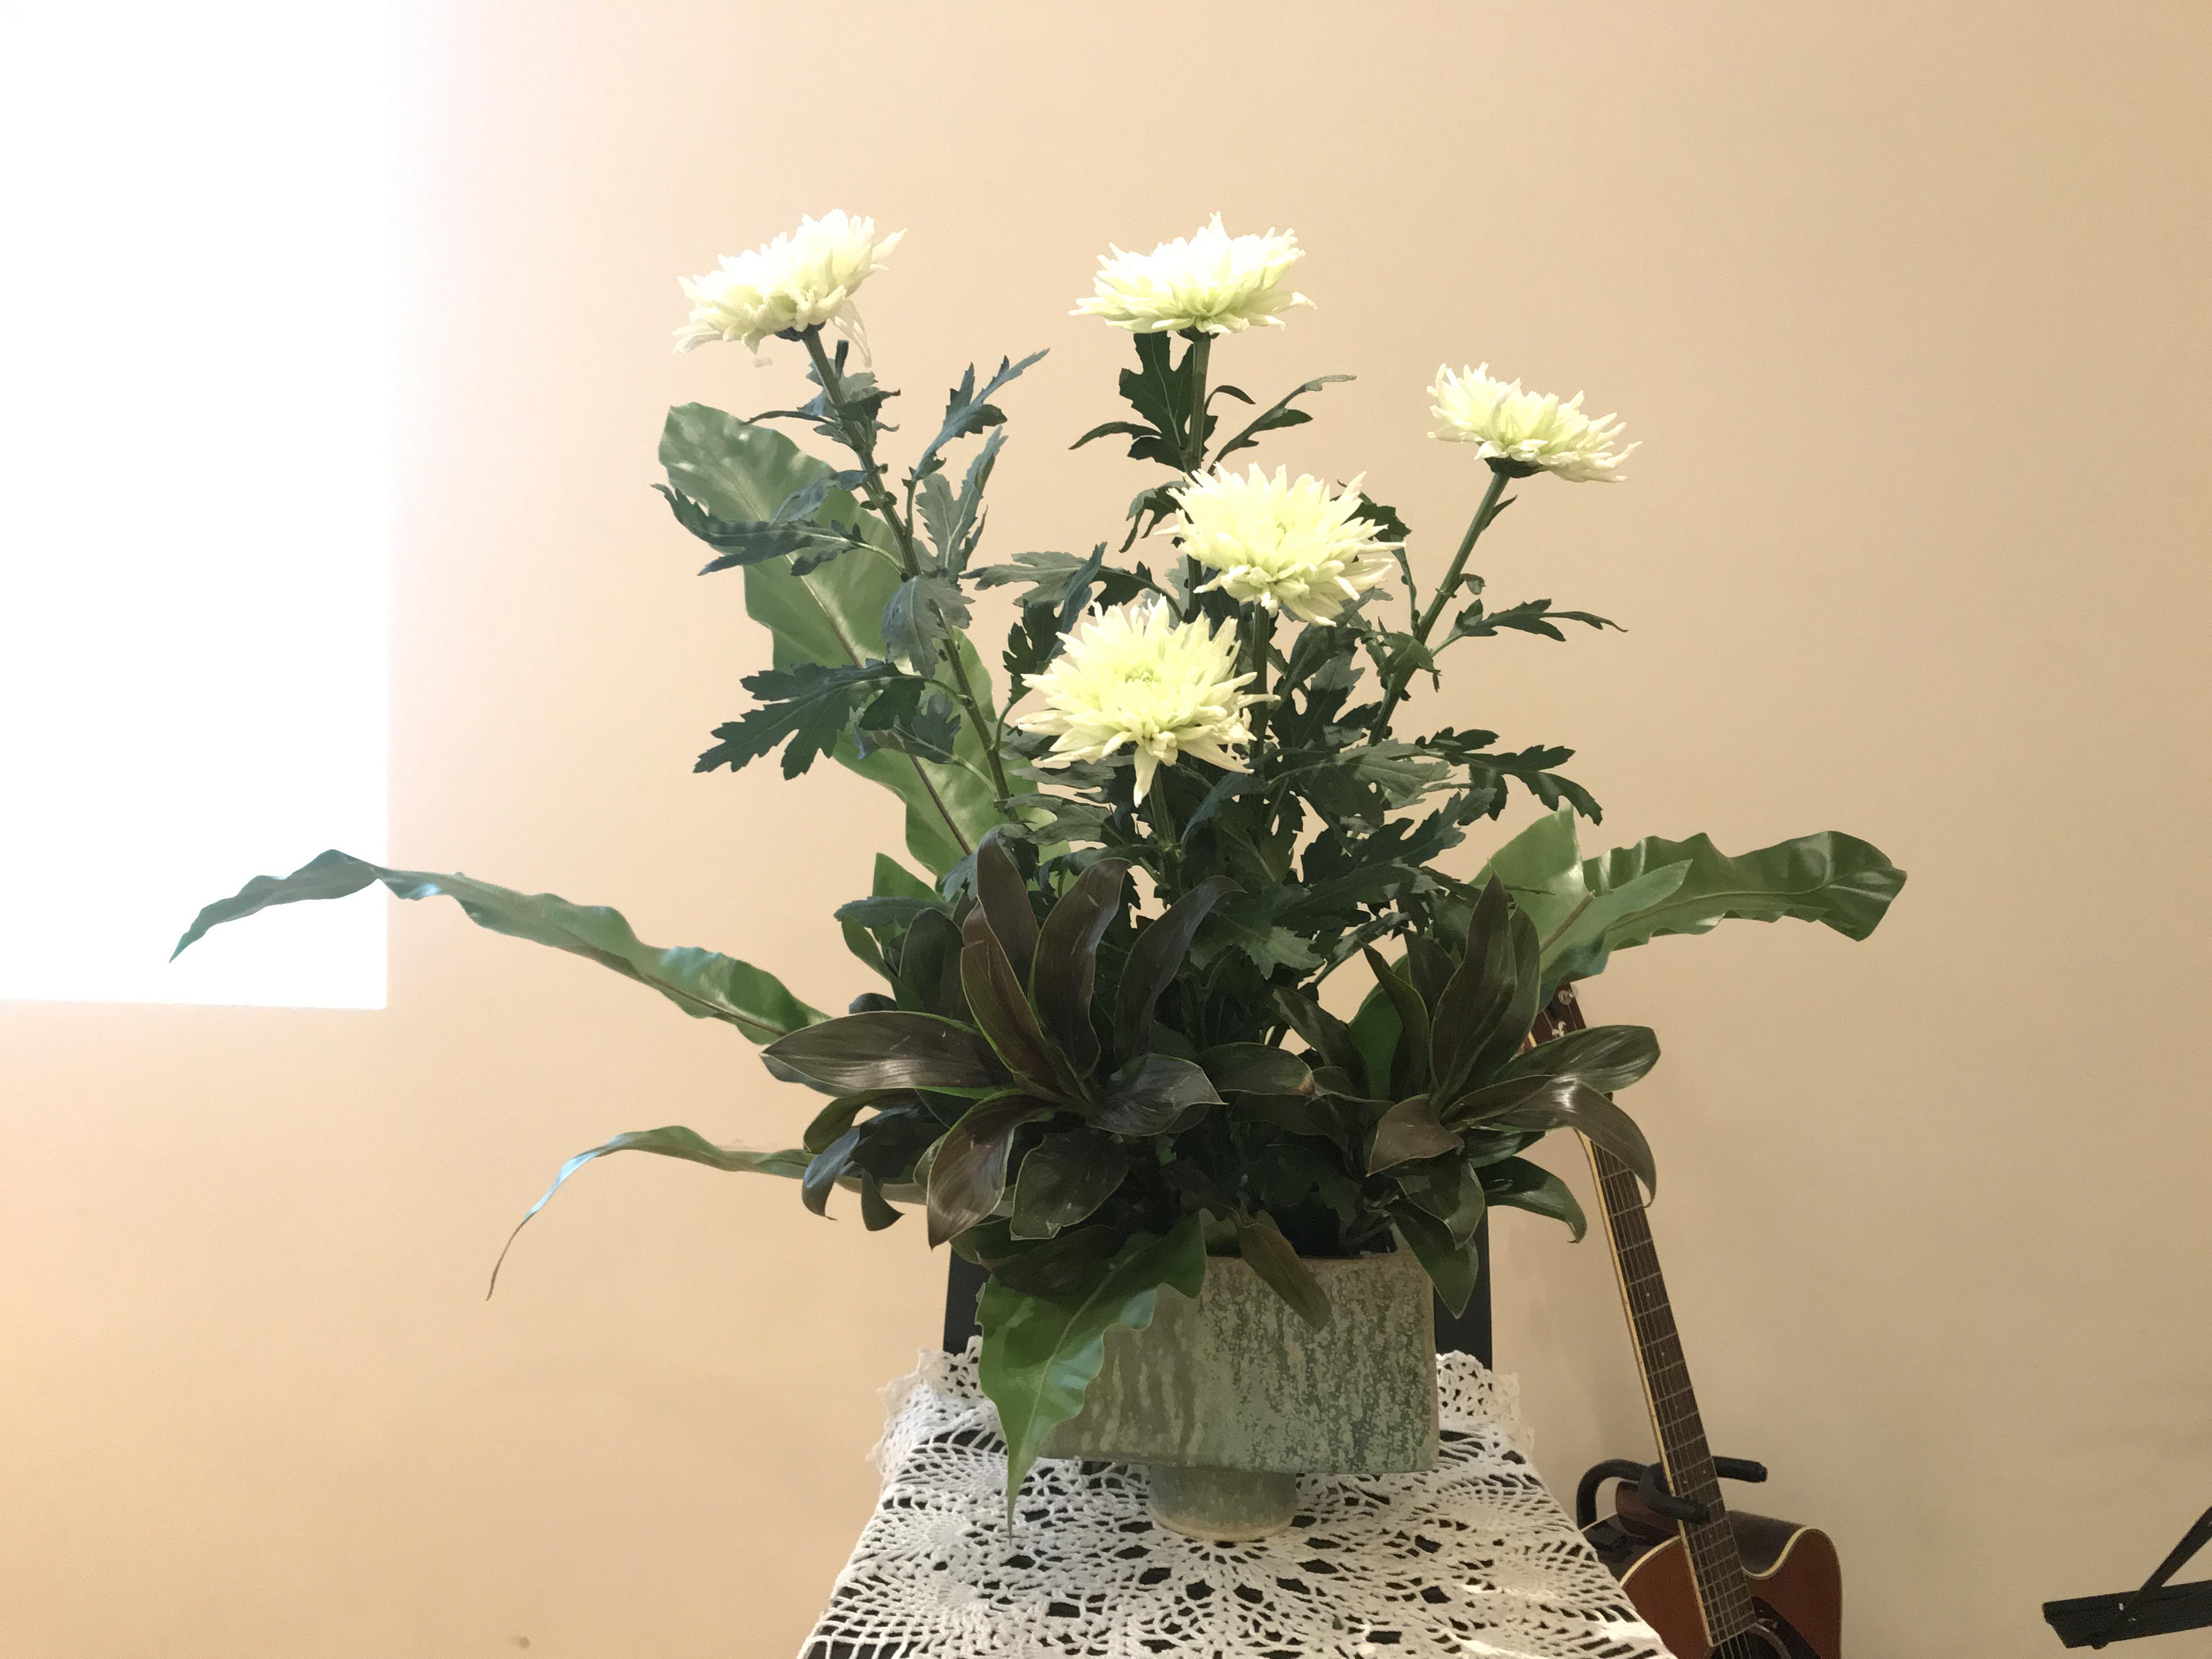 2018/4/29、聖日礼拝のお花